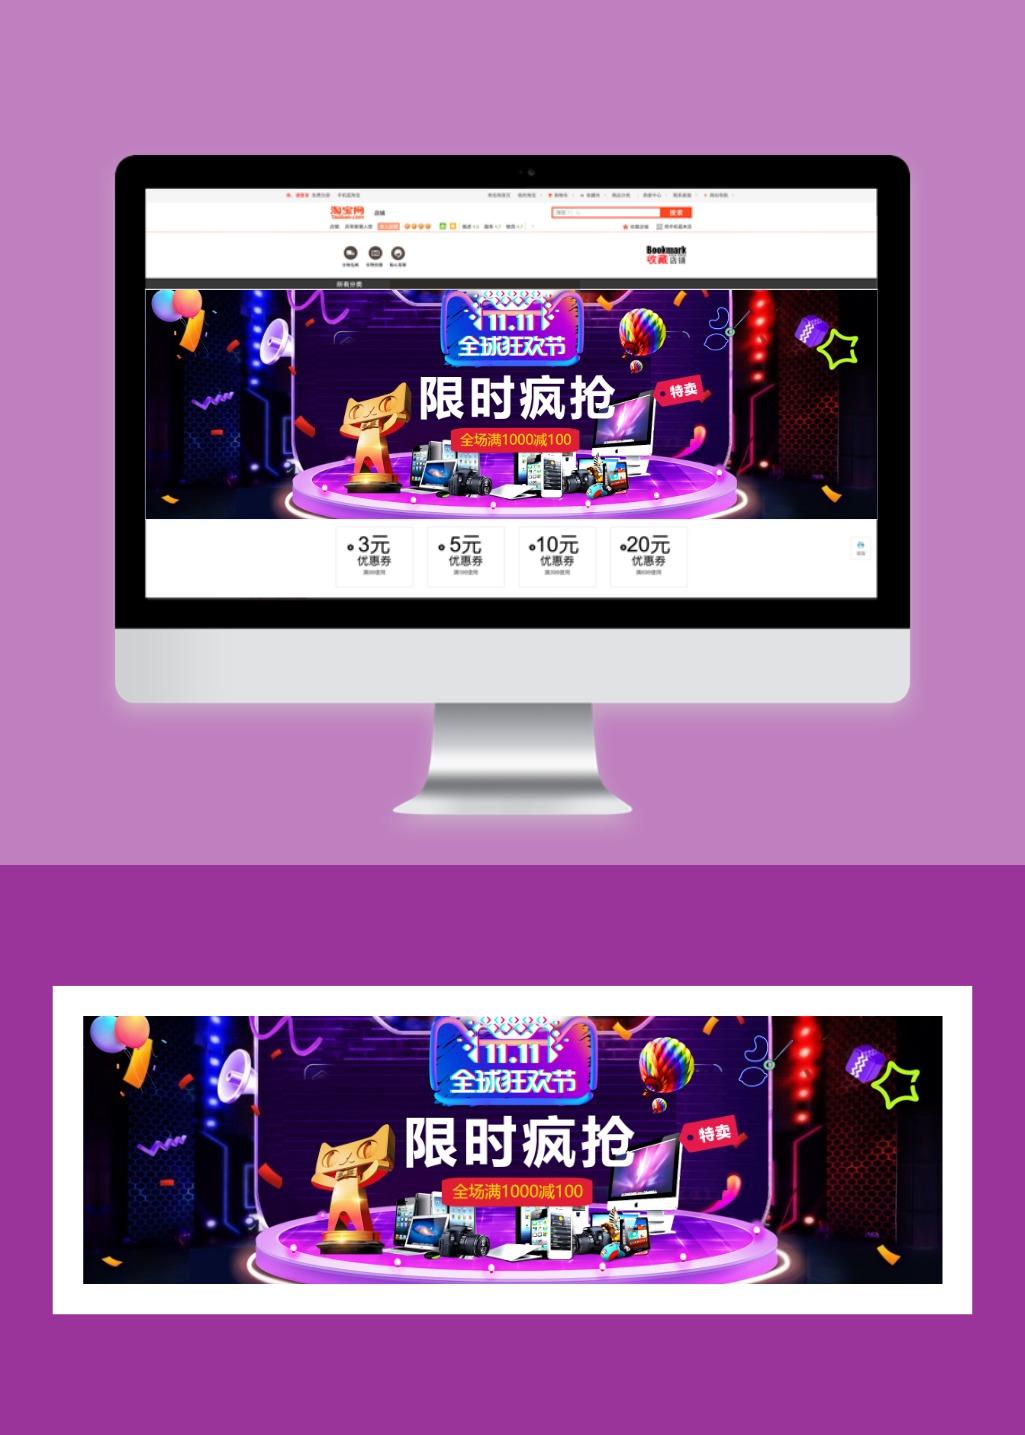 双十一商务科技百货零售3C数码商城促销电商banner